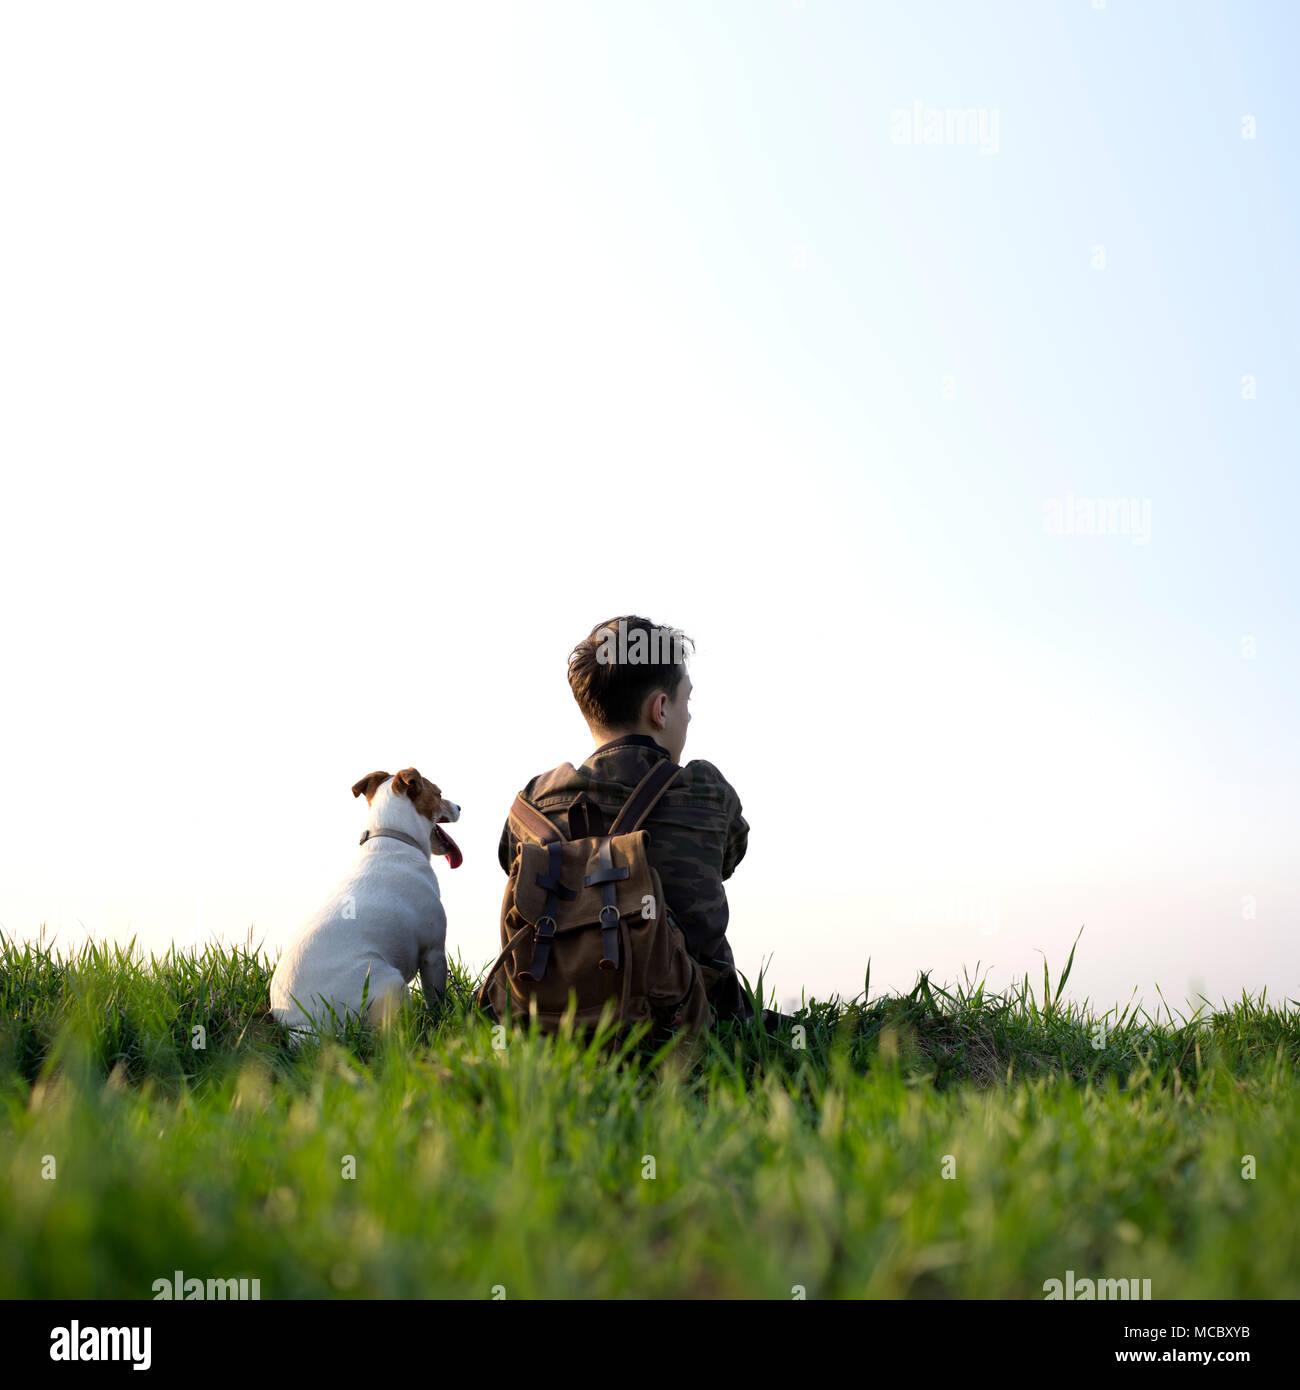 Adolescente sul prato verde con un piccolo cane bianco Immagini Stock